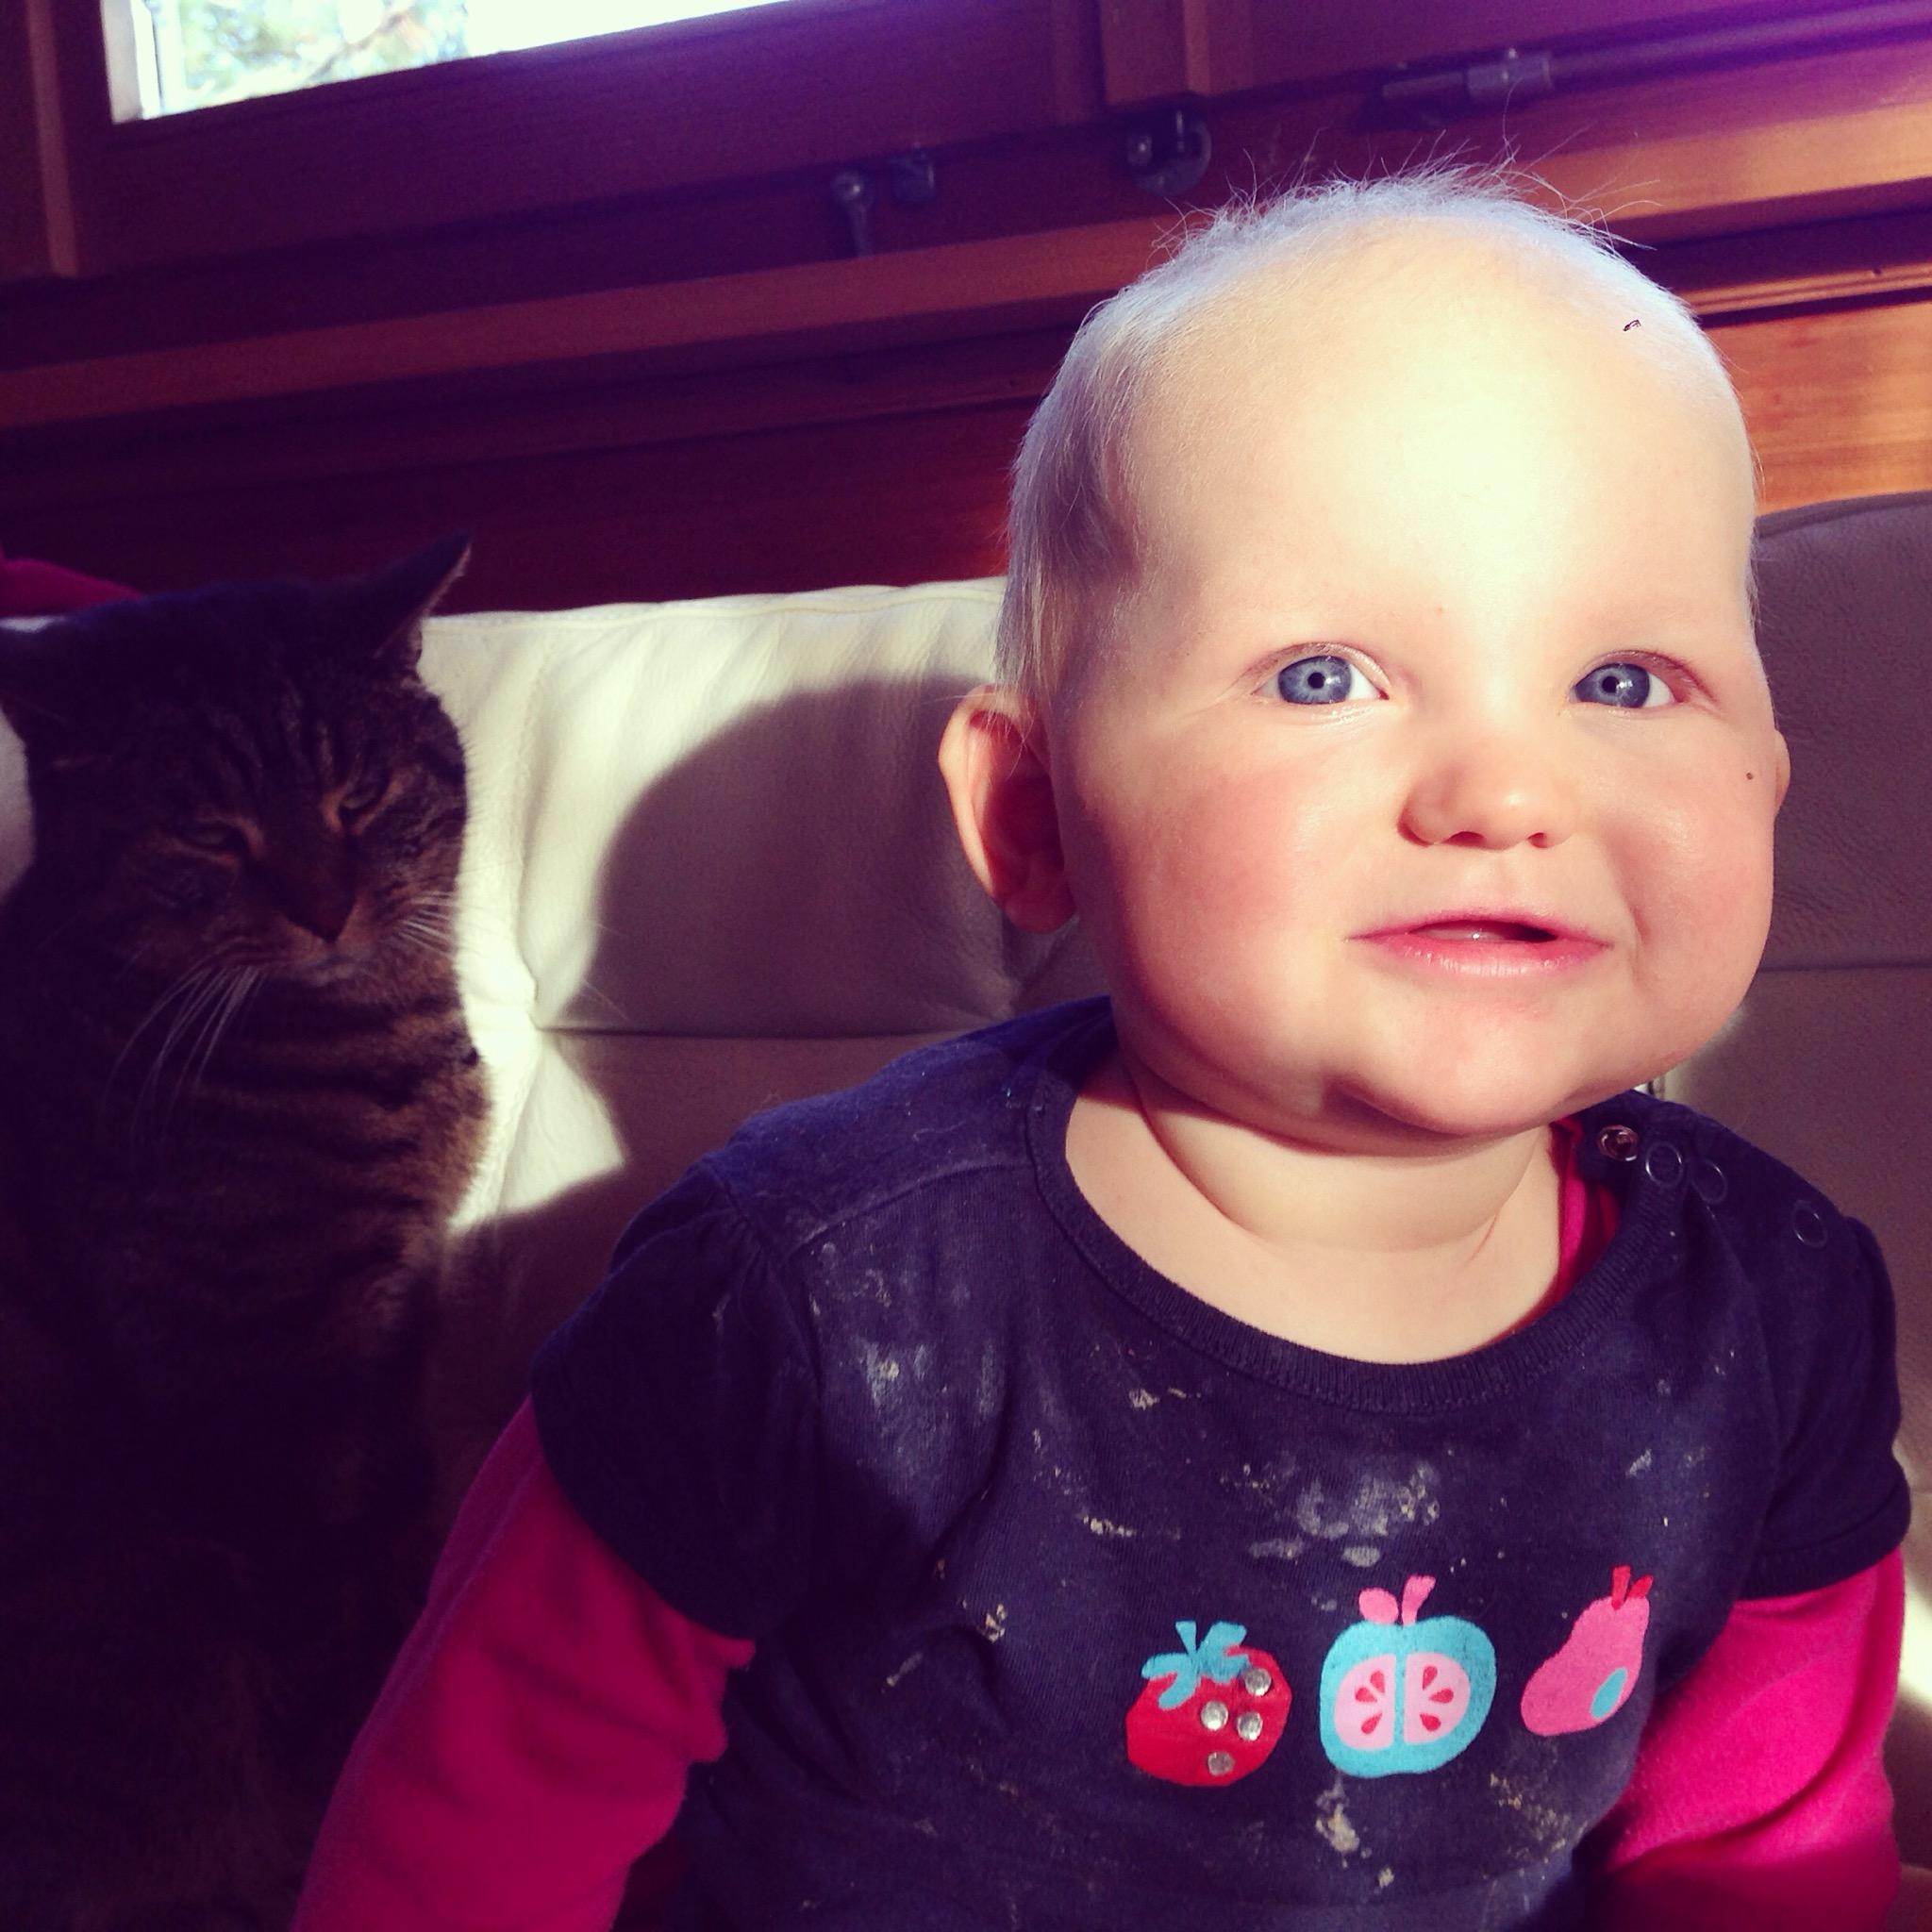 En ja, mijn kind krijgt 's ochtends schone kleren aan. Na haar eerste bord pap of boterham ziet ze er zo uit en zo loopt ze de hele dag. Een slab vinden allebei mijn kinderen echt niks (en ik ook niet!).